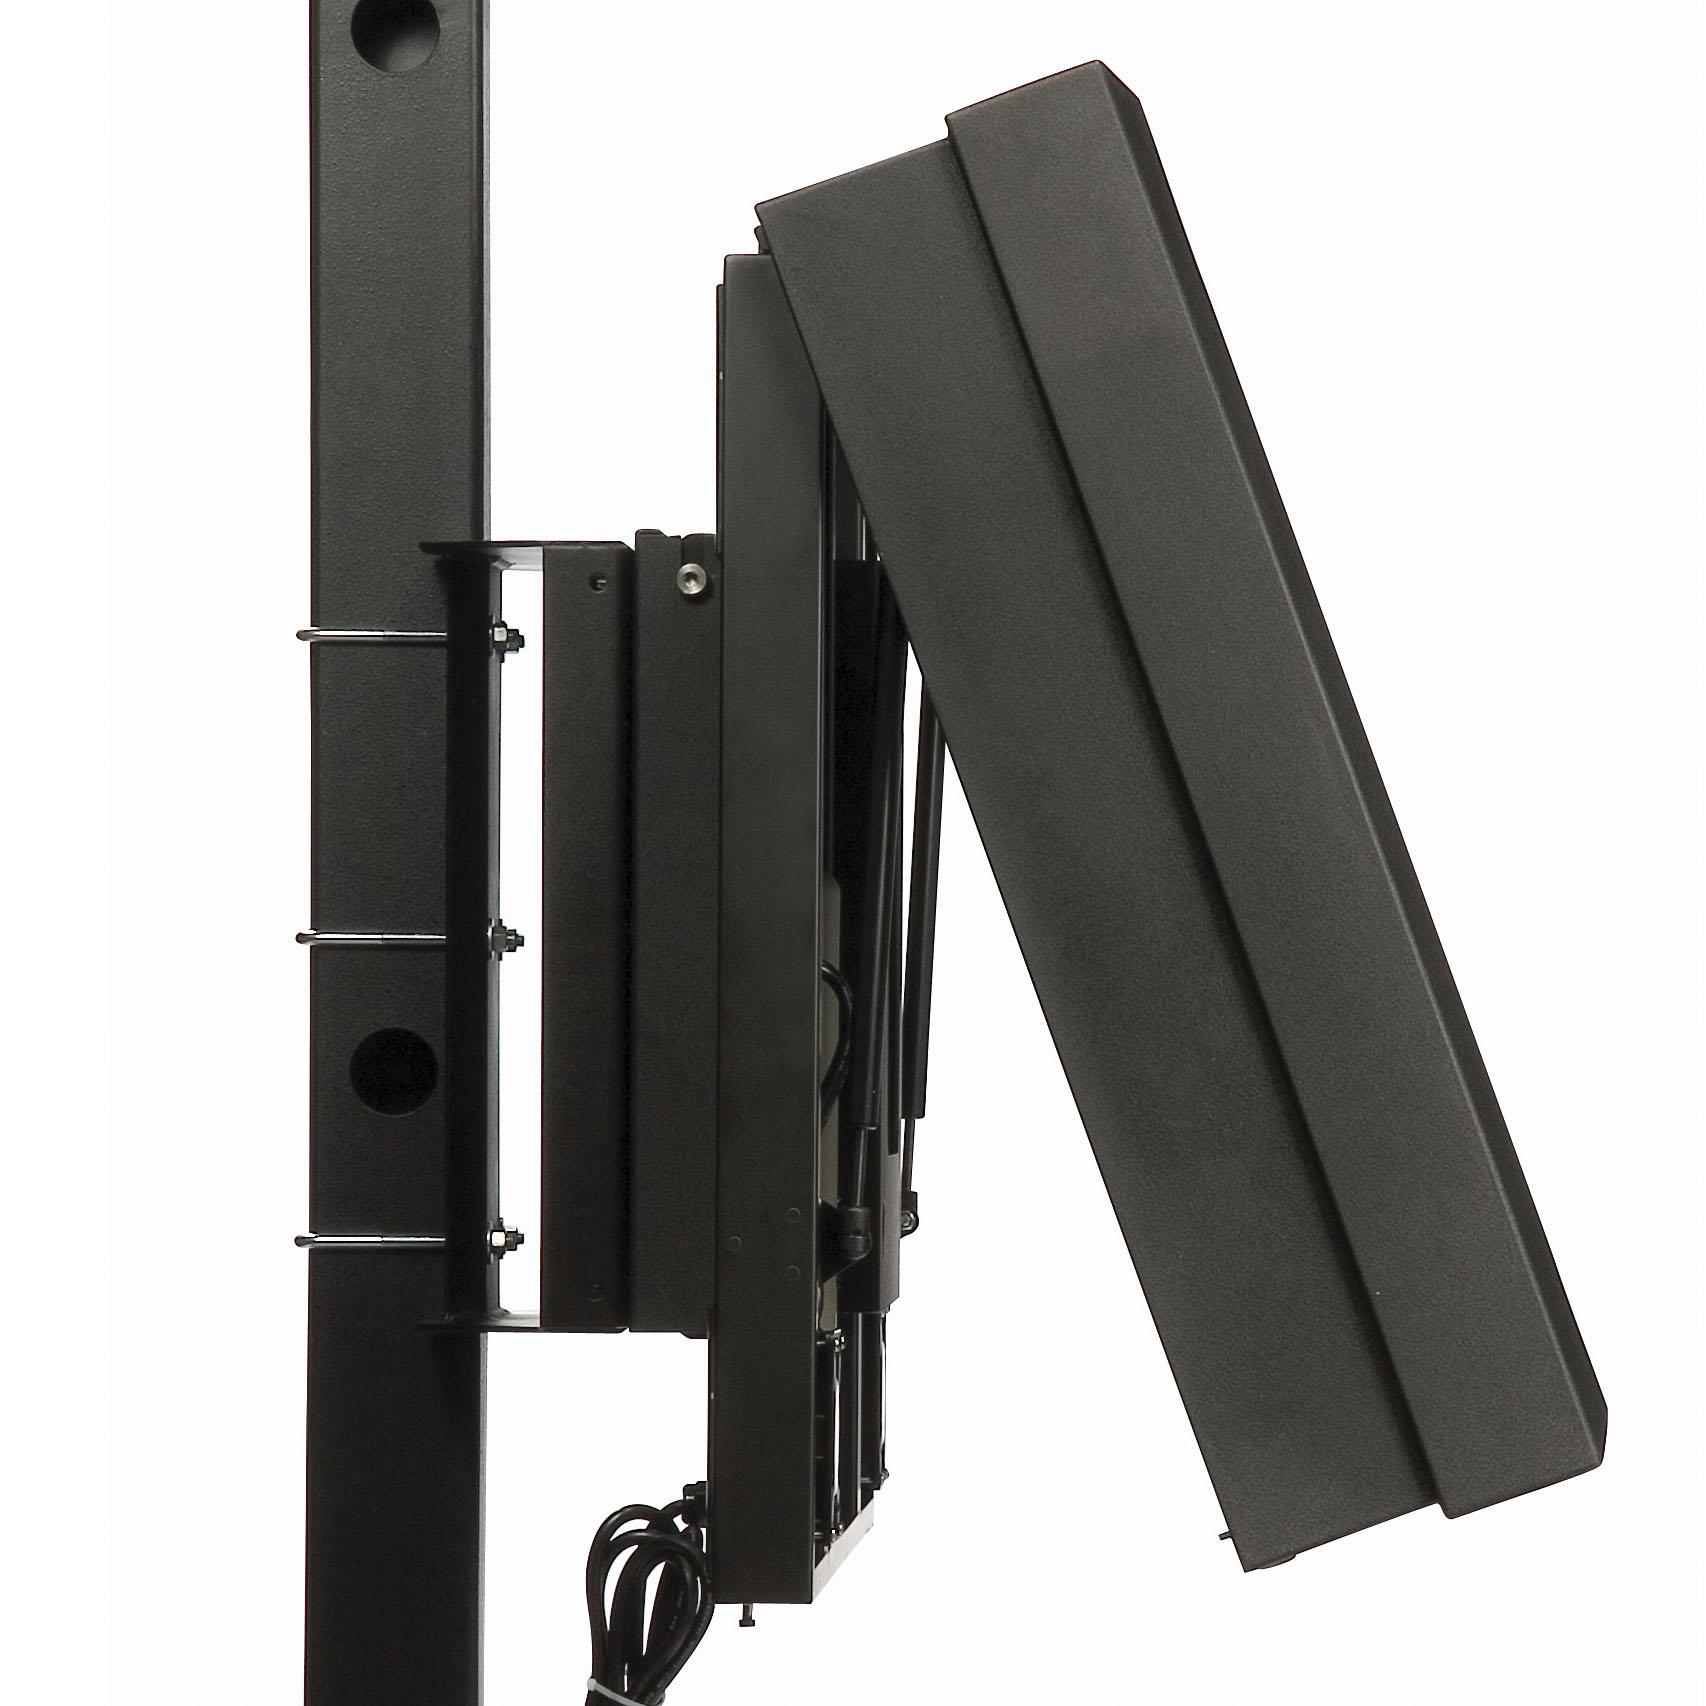 Tilt Wallmount Kit for Display Enclosure